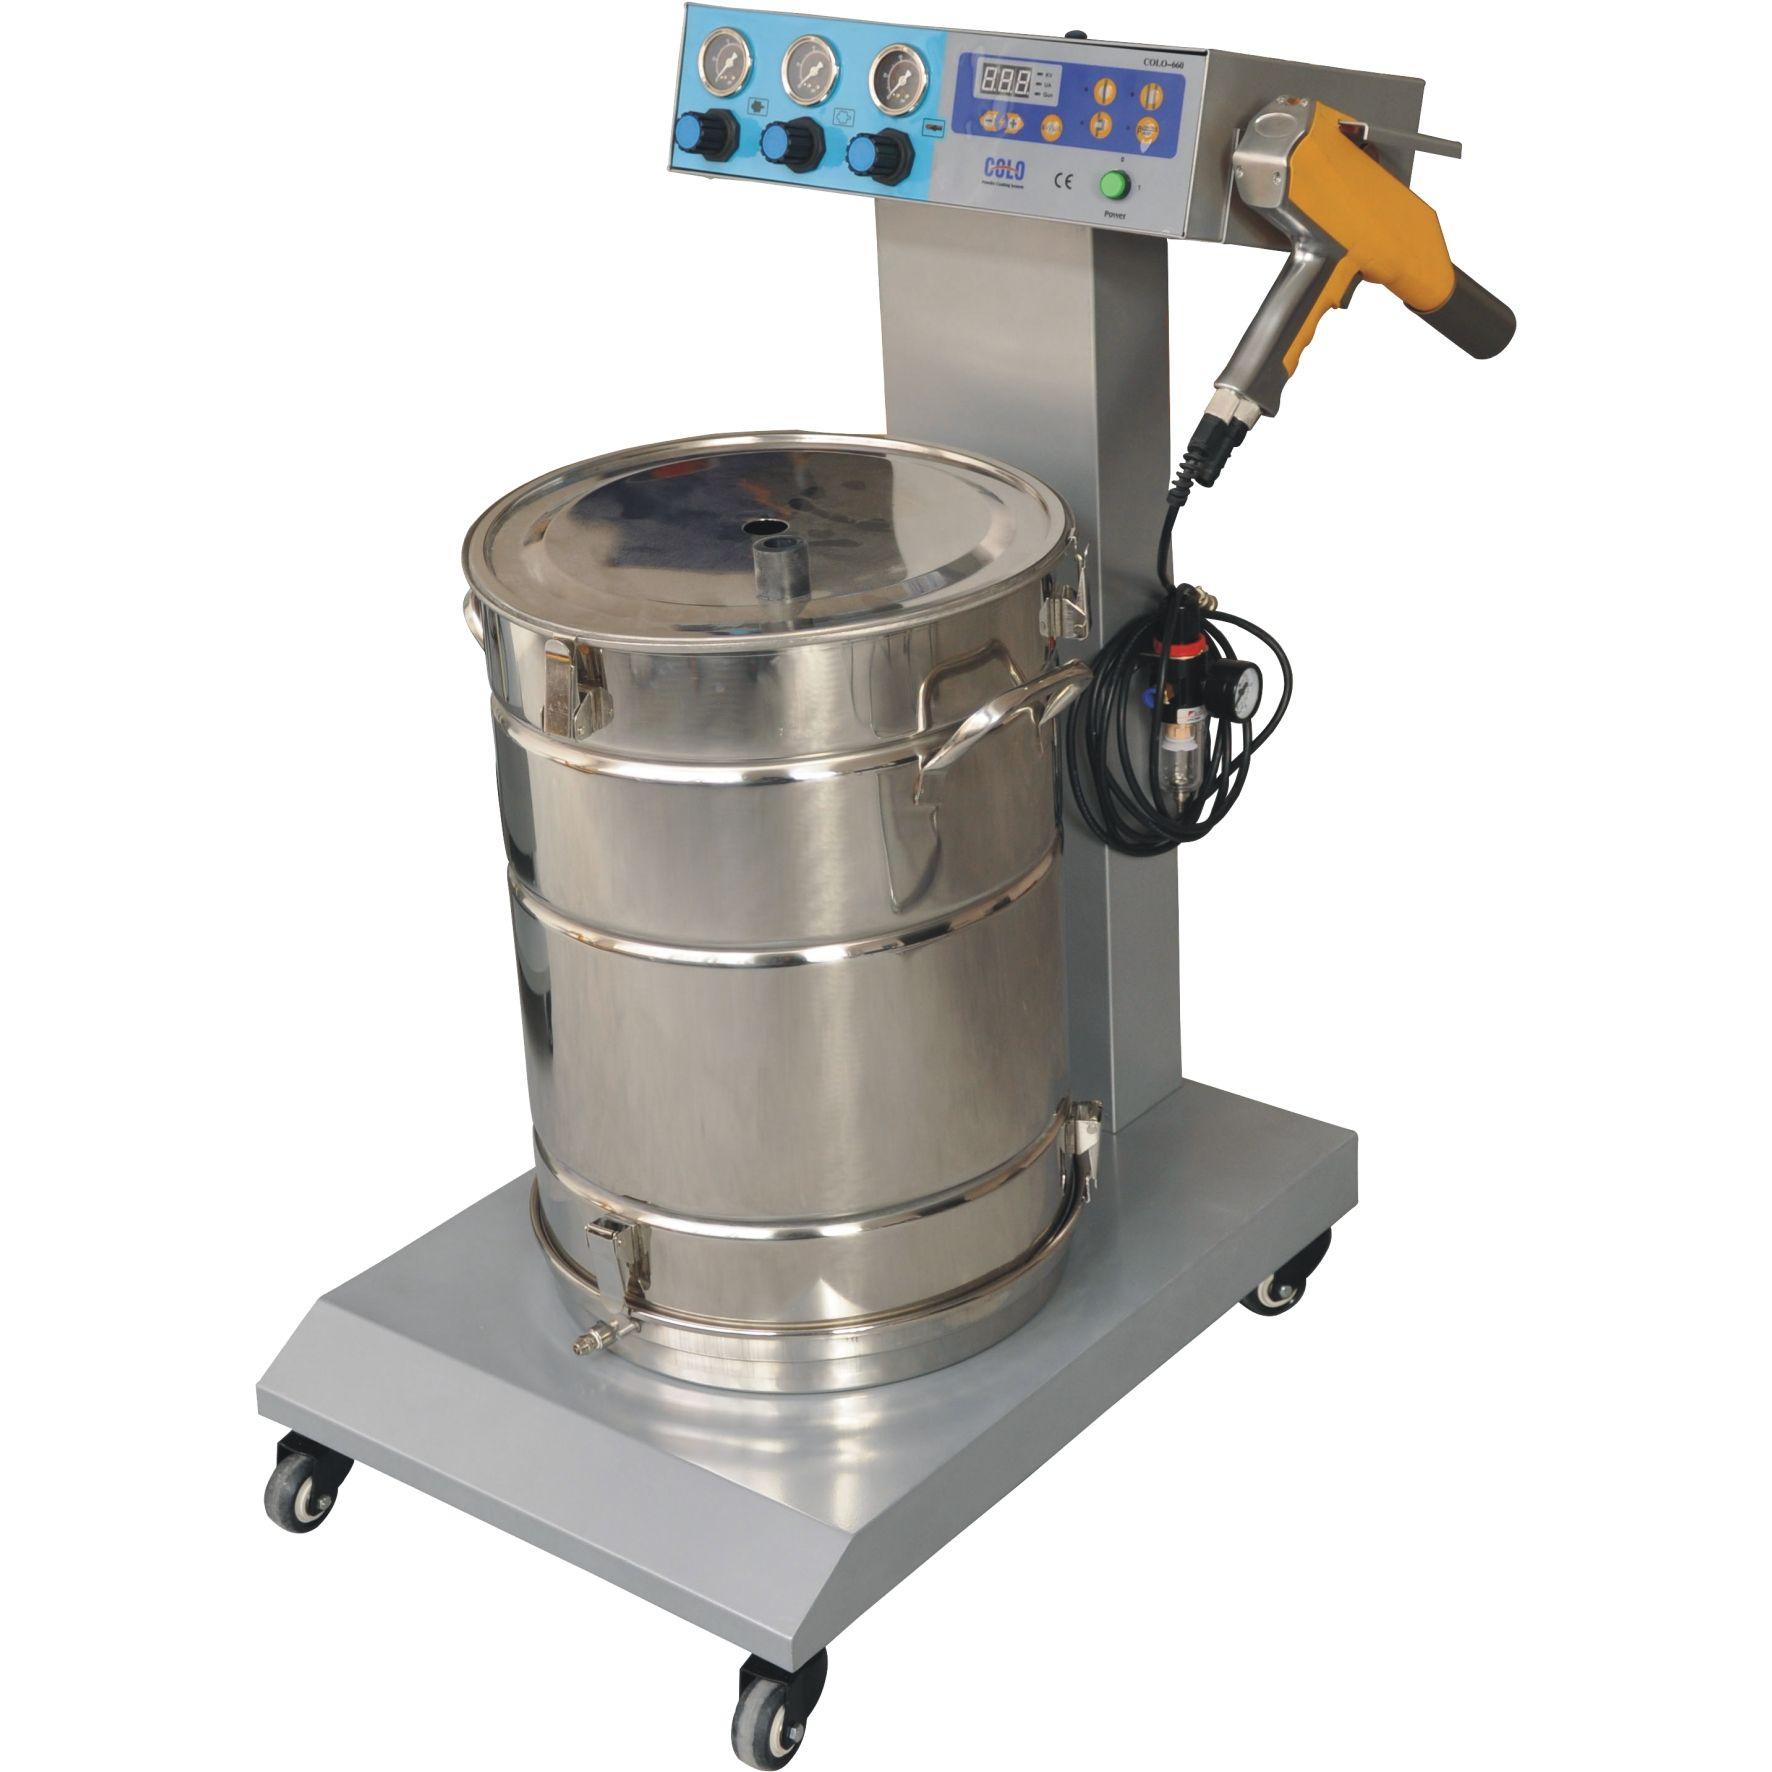 Pulverbeschichtungsgerat Hersteller Automatic Powder Painting